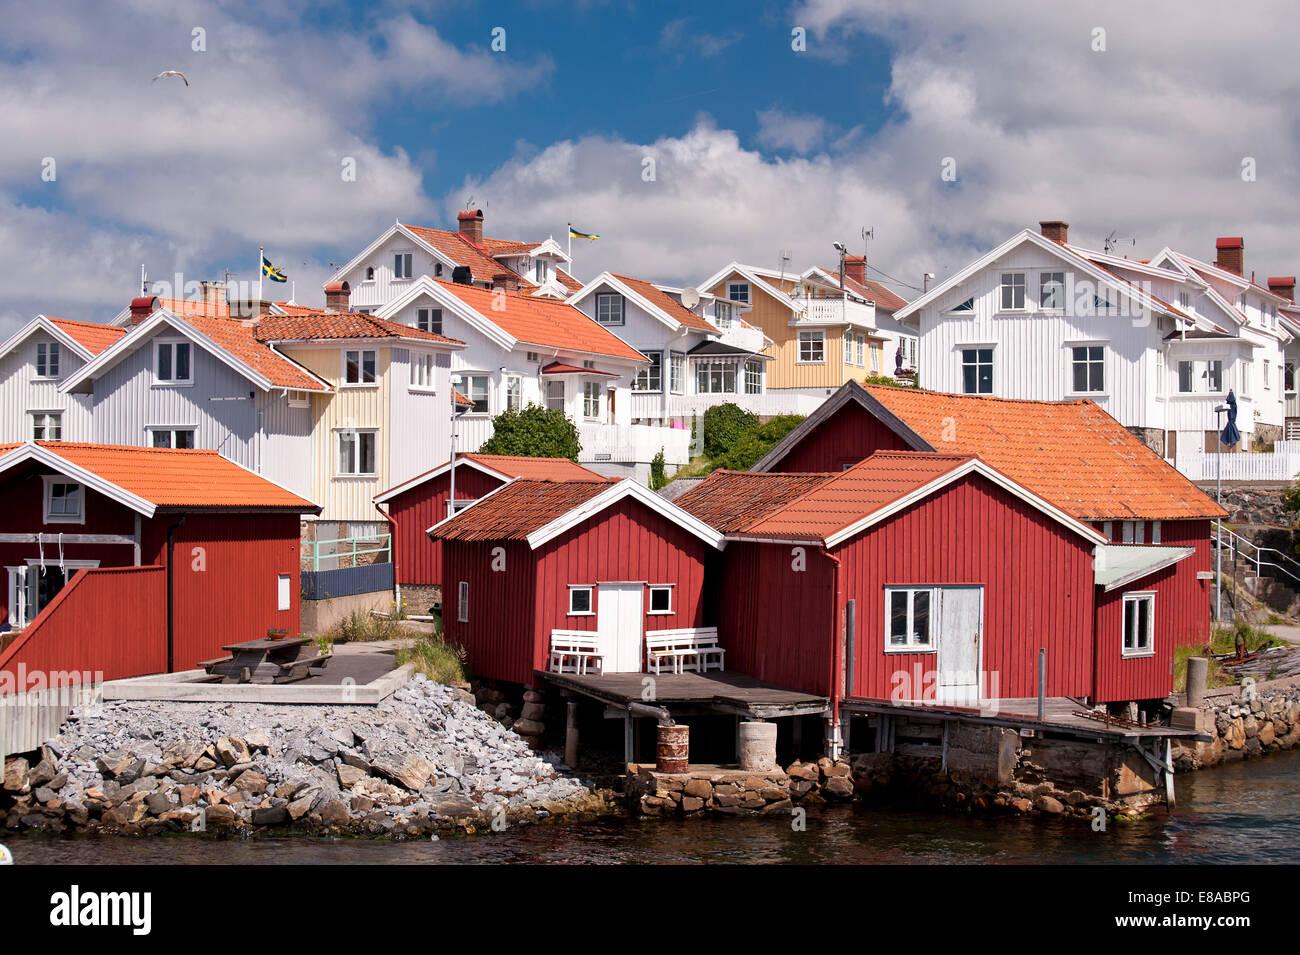 Haellevikstrand, Sweden Stock Photo